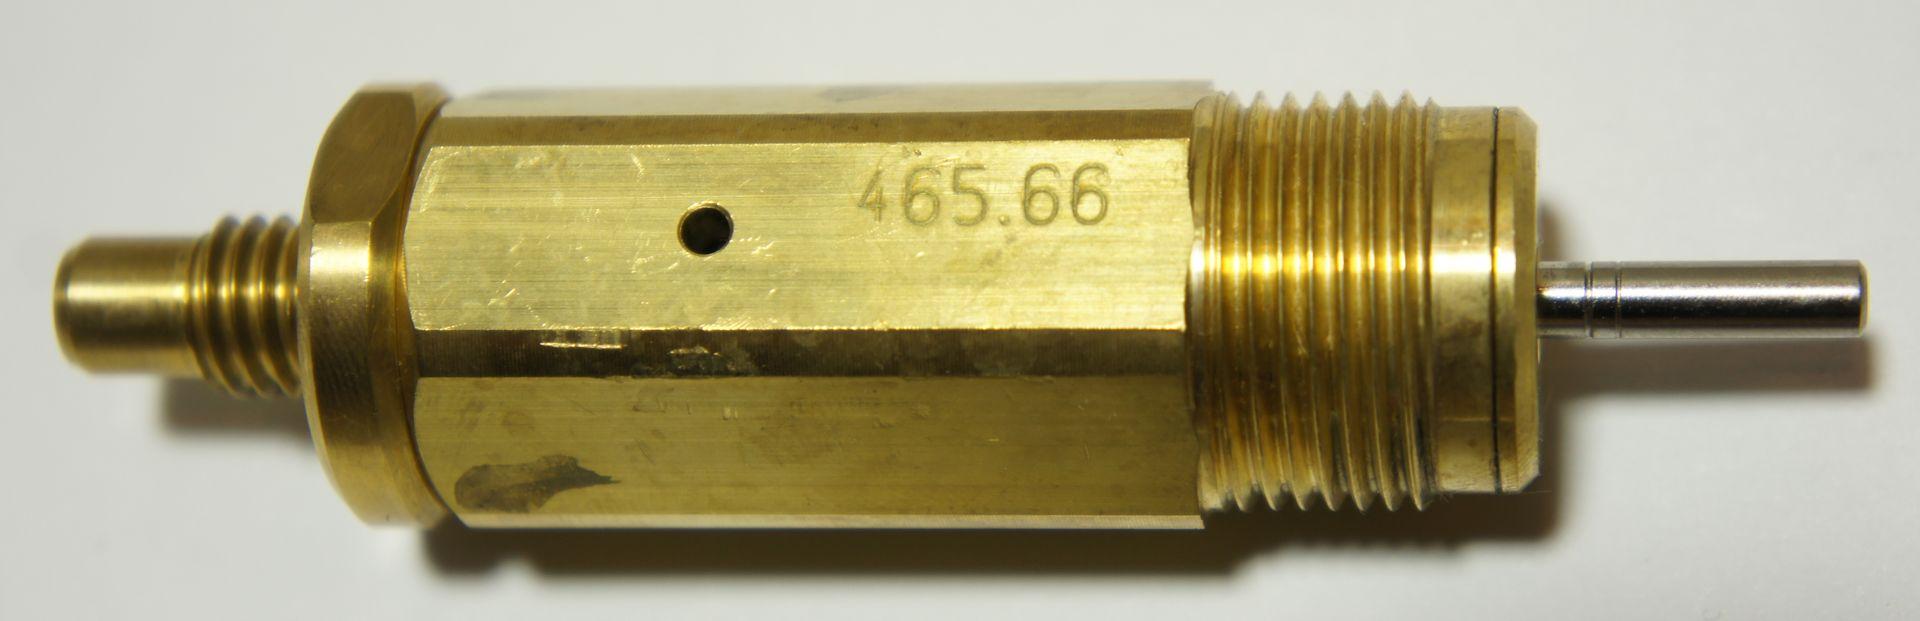 Ventil für Luftgewehr Walther Dominator < 16J